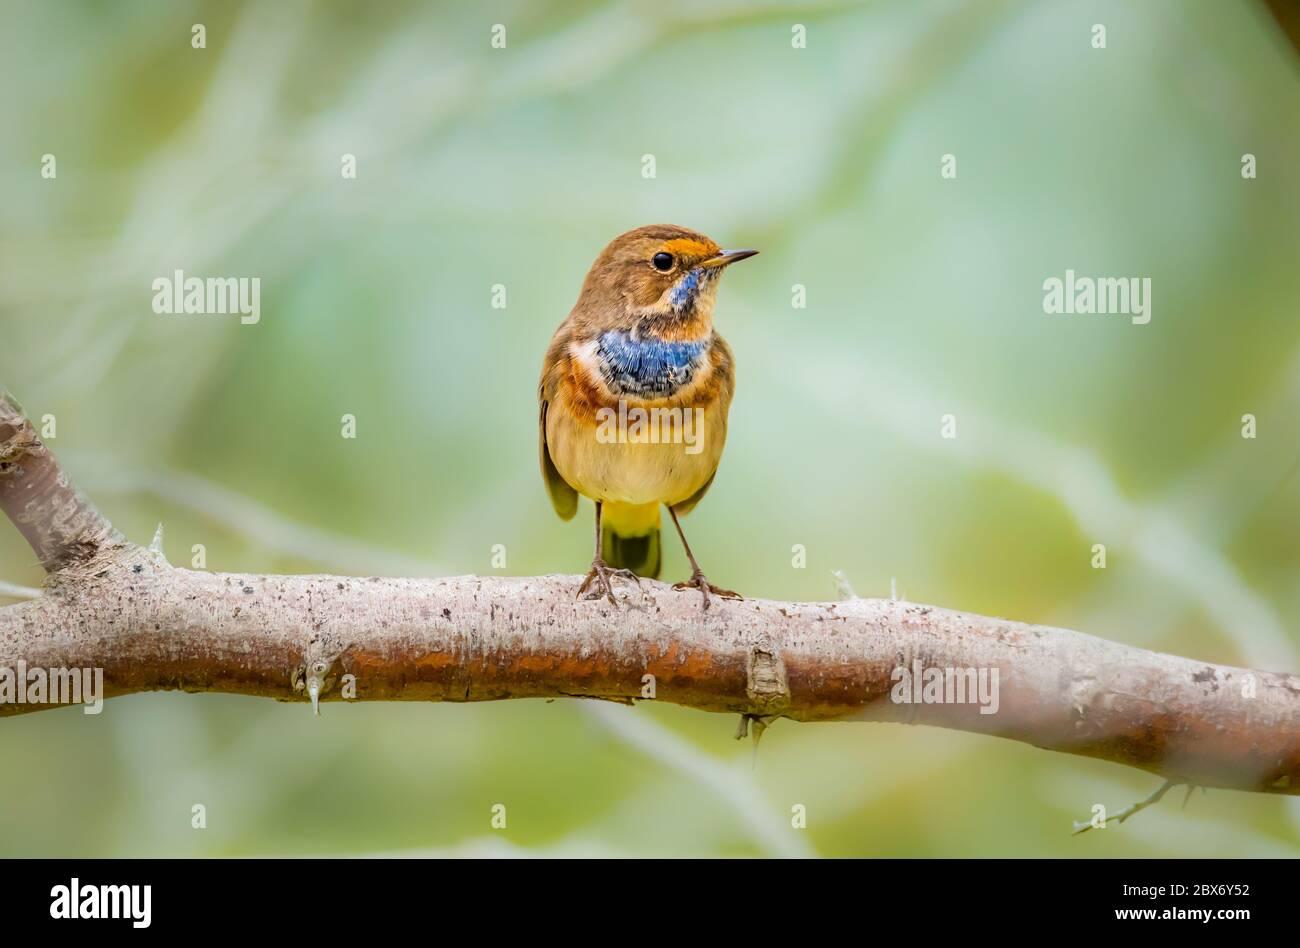 Bellissimo colpo di uccello blugola un membro della famiglia Turdidae Foto Stock